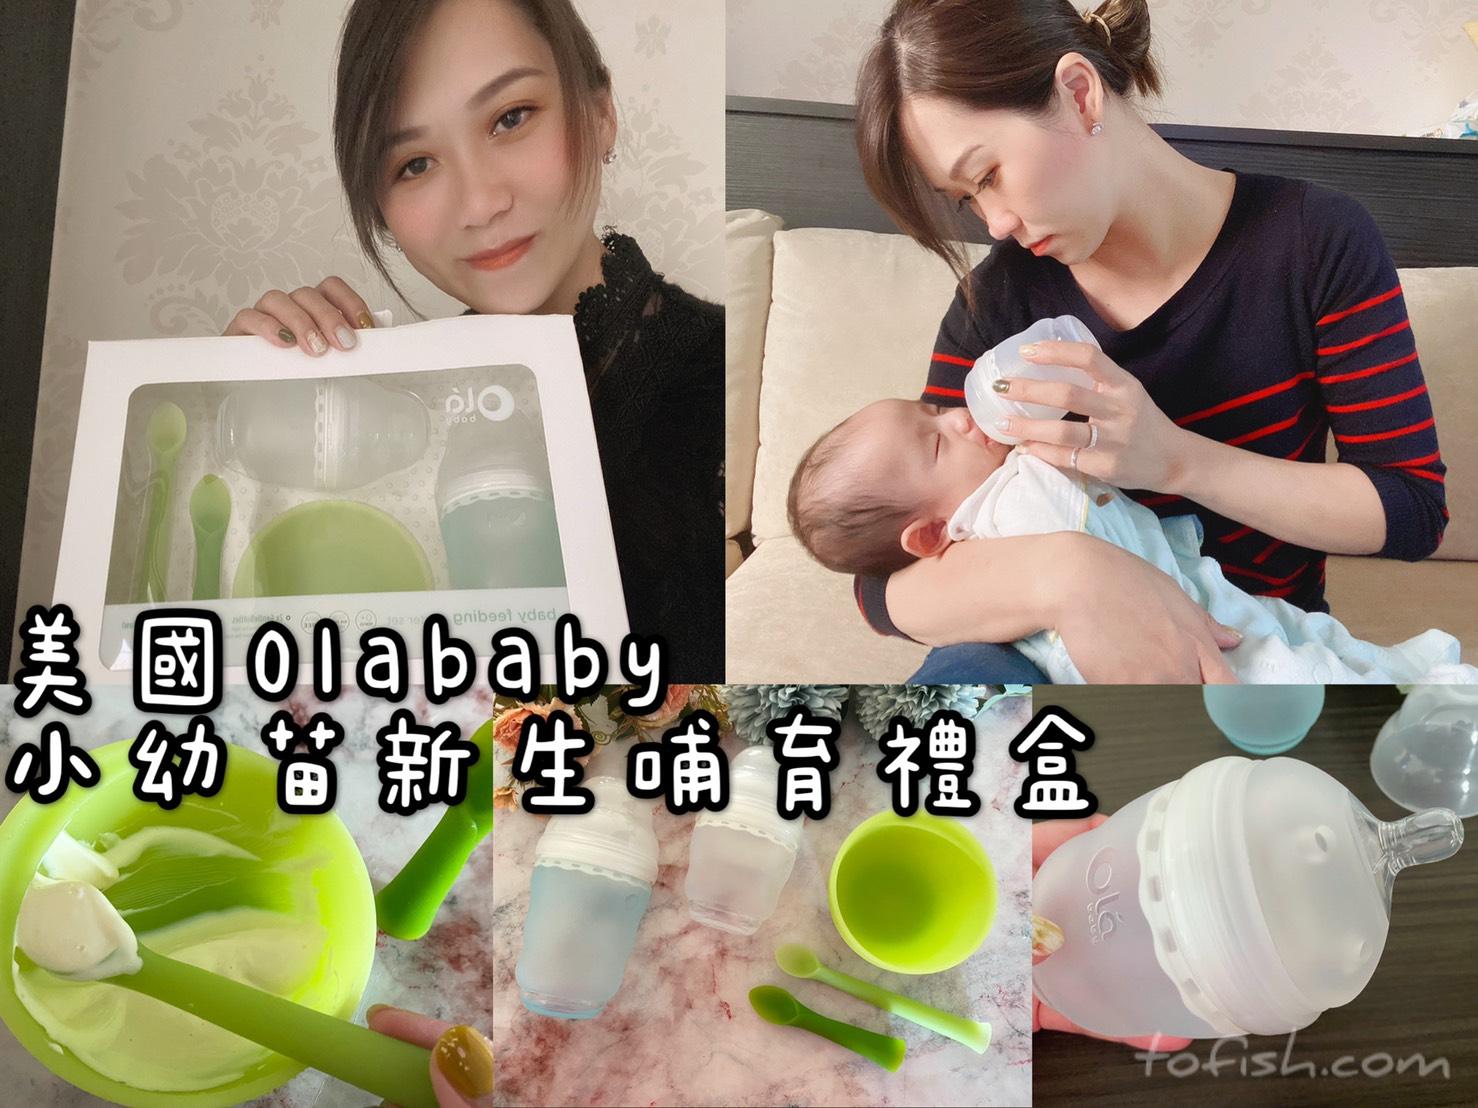 【育兒好物】美國 Olababy小幼苗新生哺育禮盒 ❤ 親密乳感寬口矽膠奶瓶  仿母乳設計是寶寶的最愛